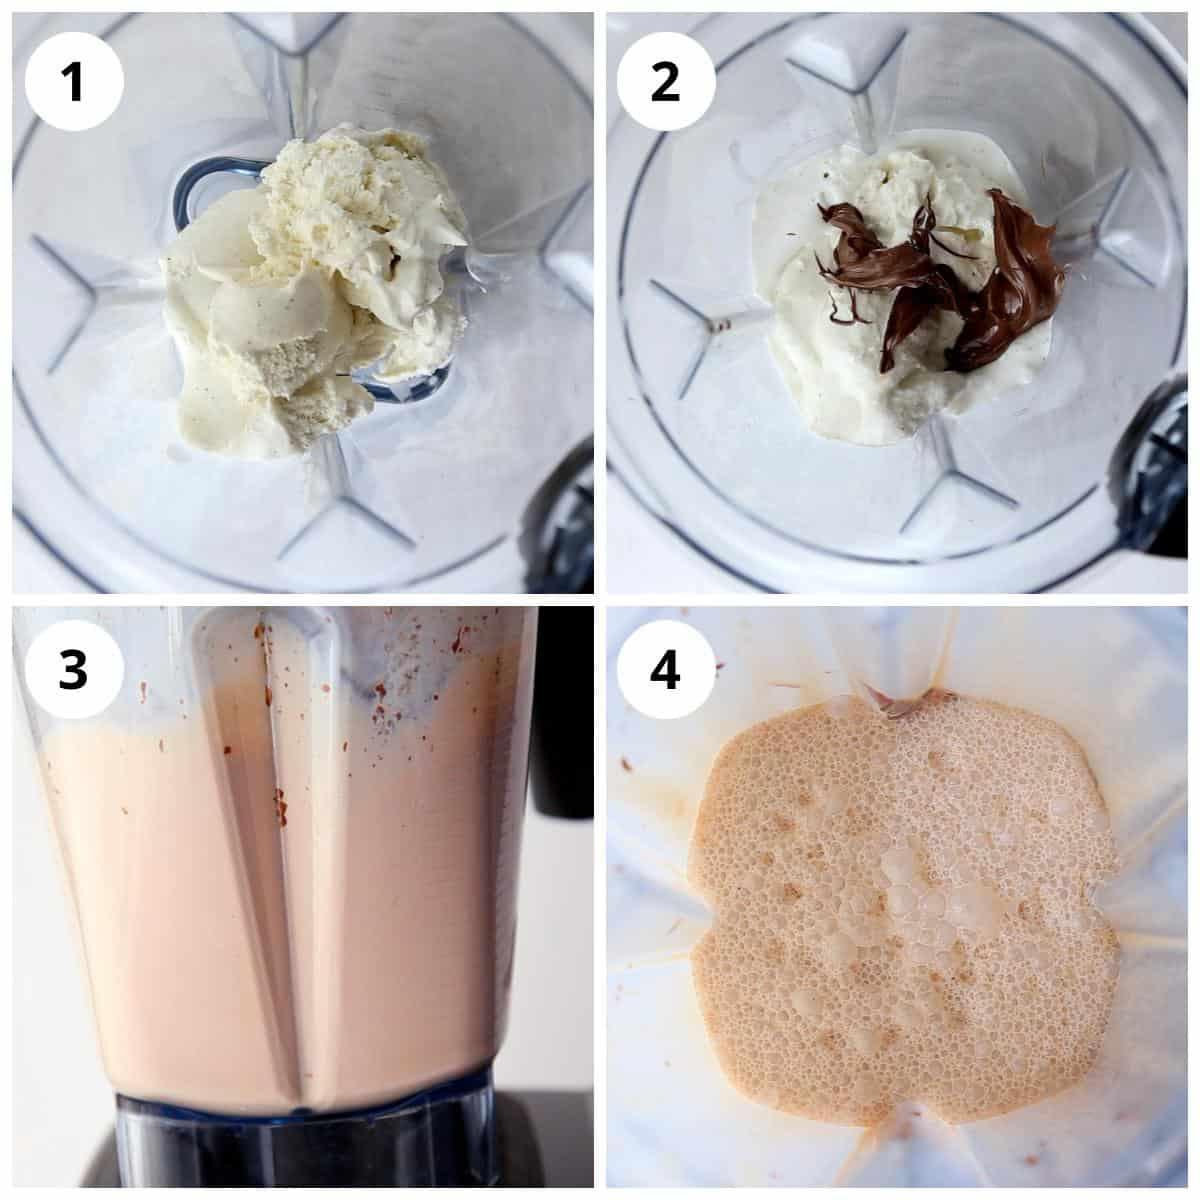 steps for making nutella milkshake recipe